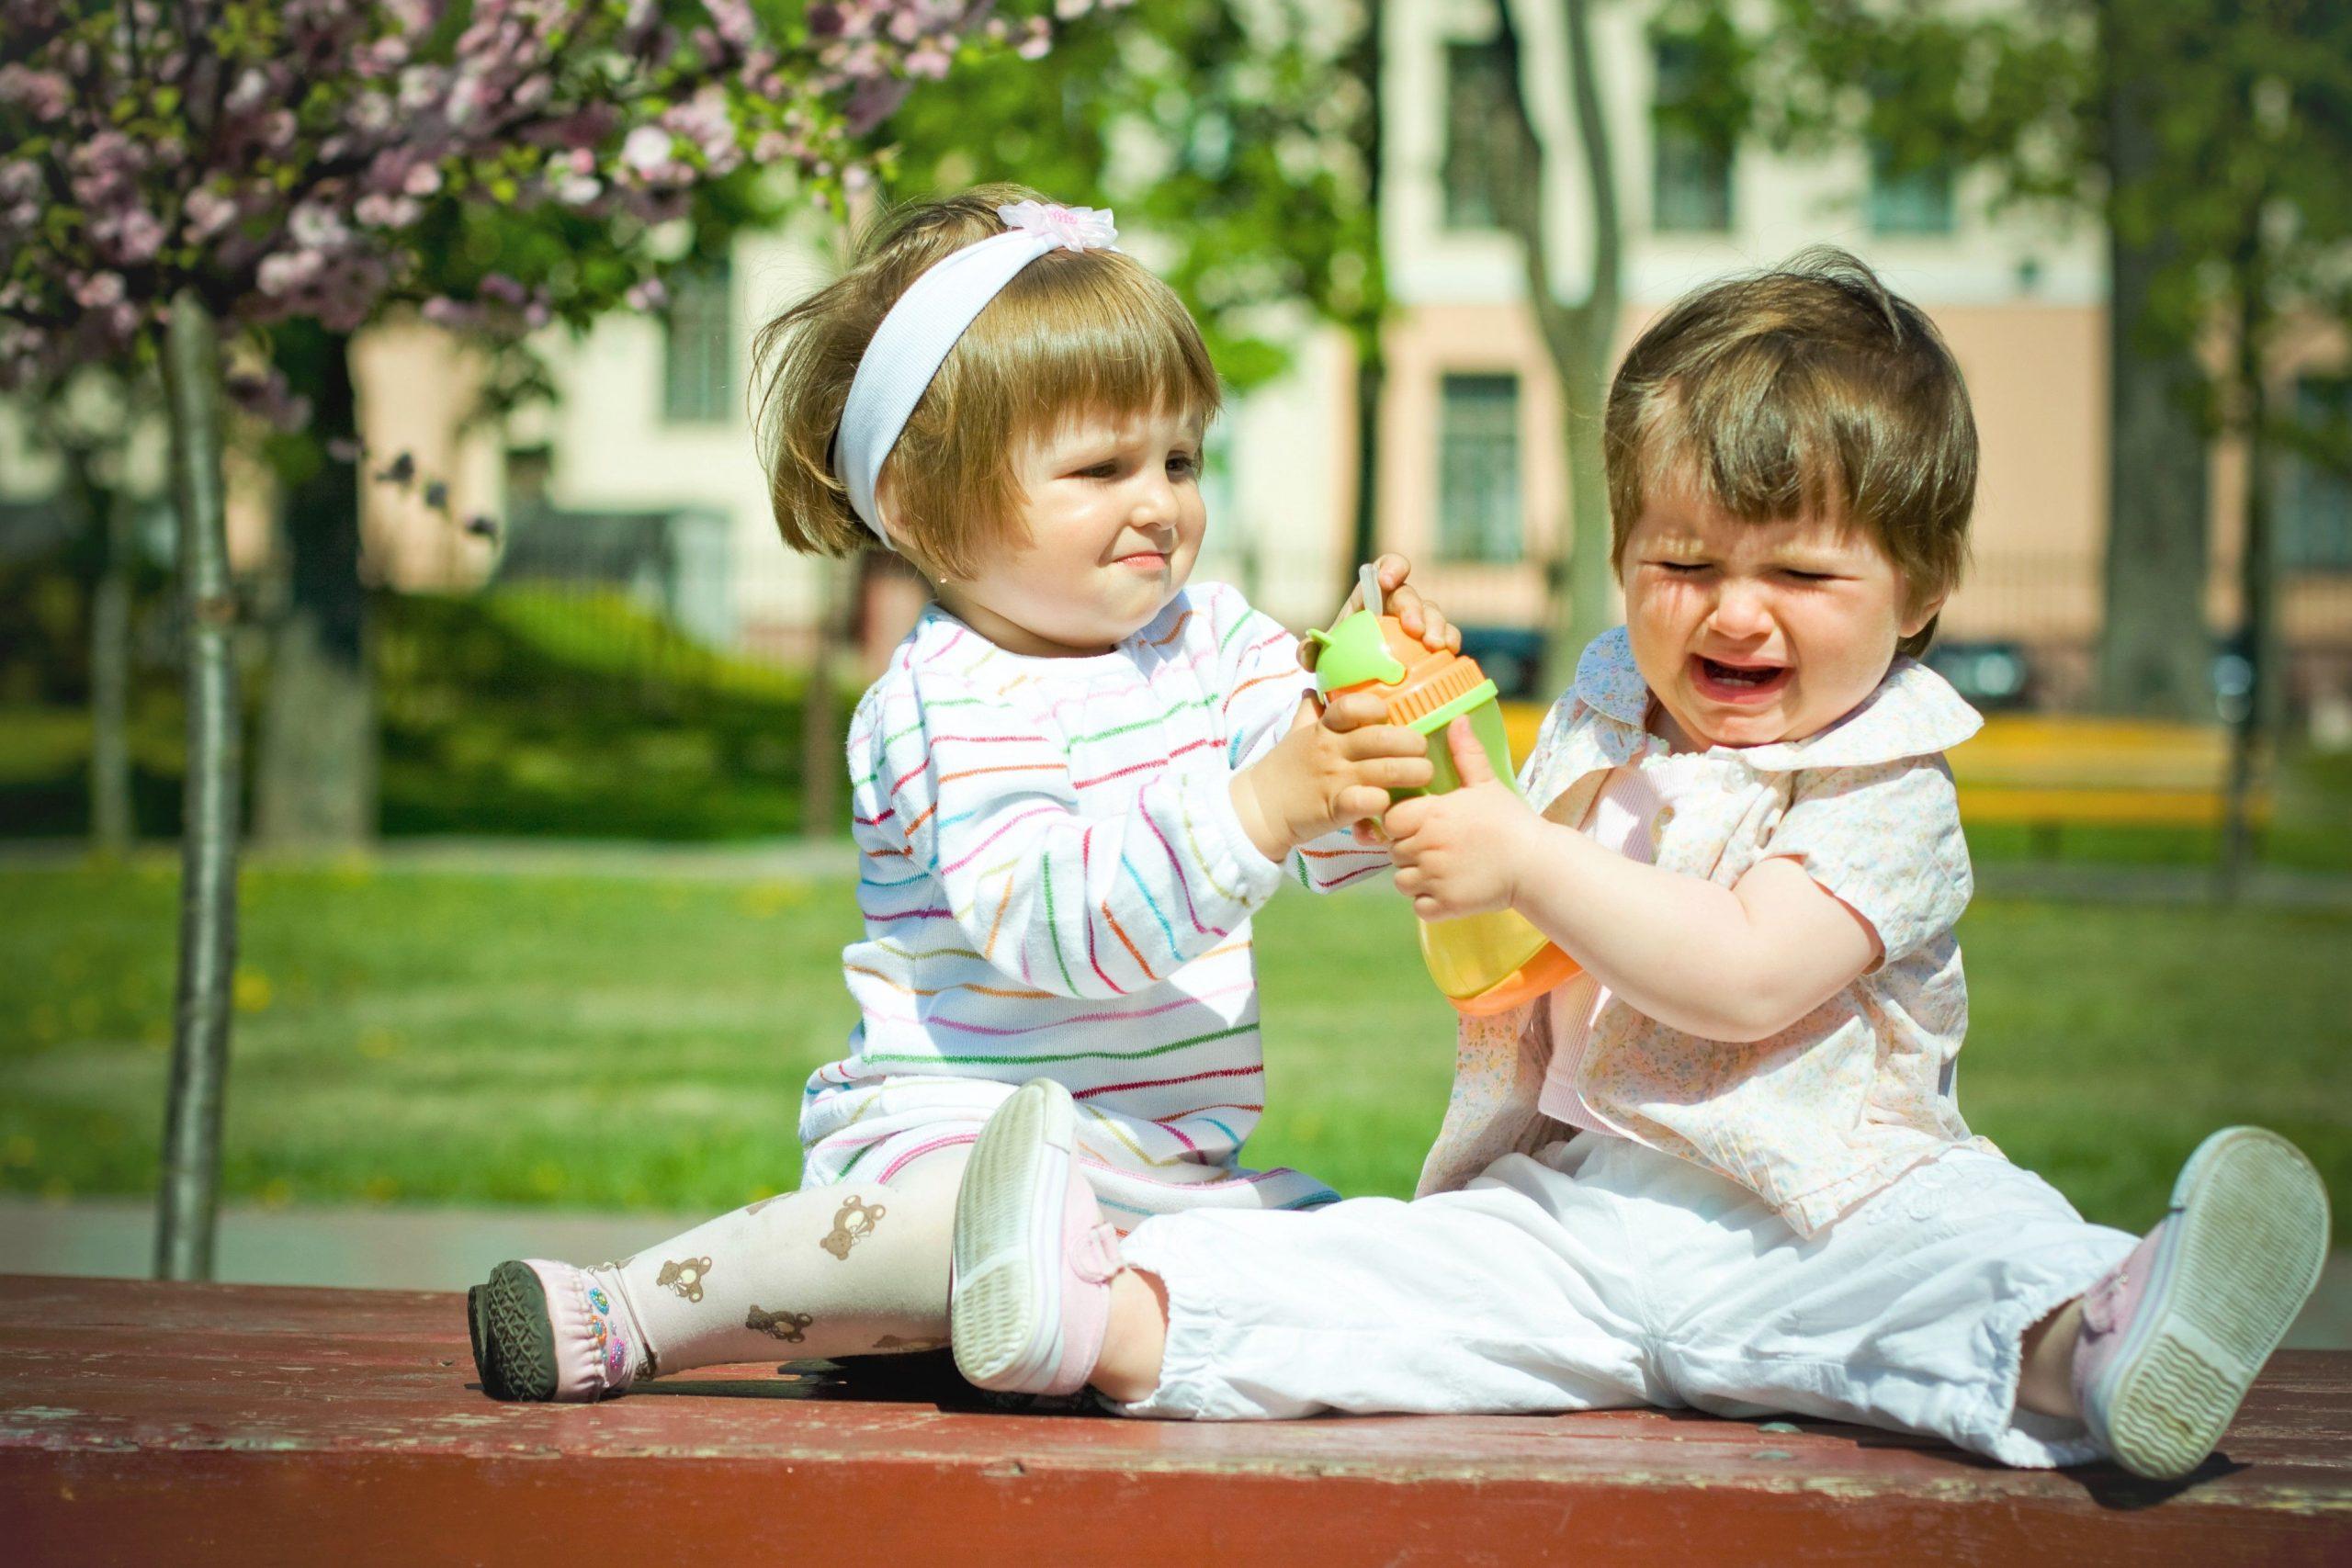 Девочка отнимает игрушку у мальчика